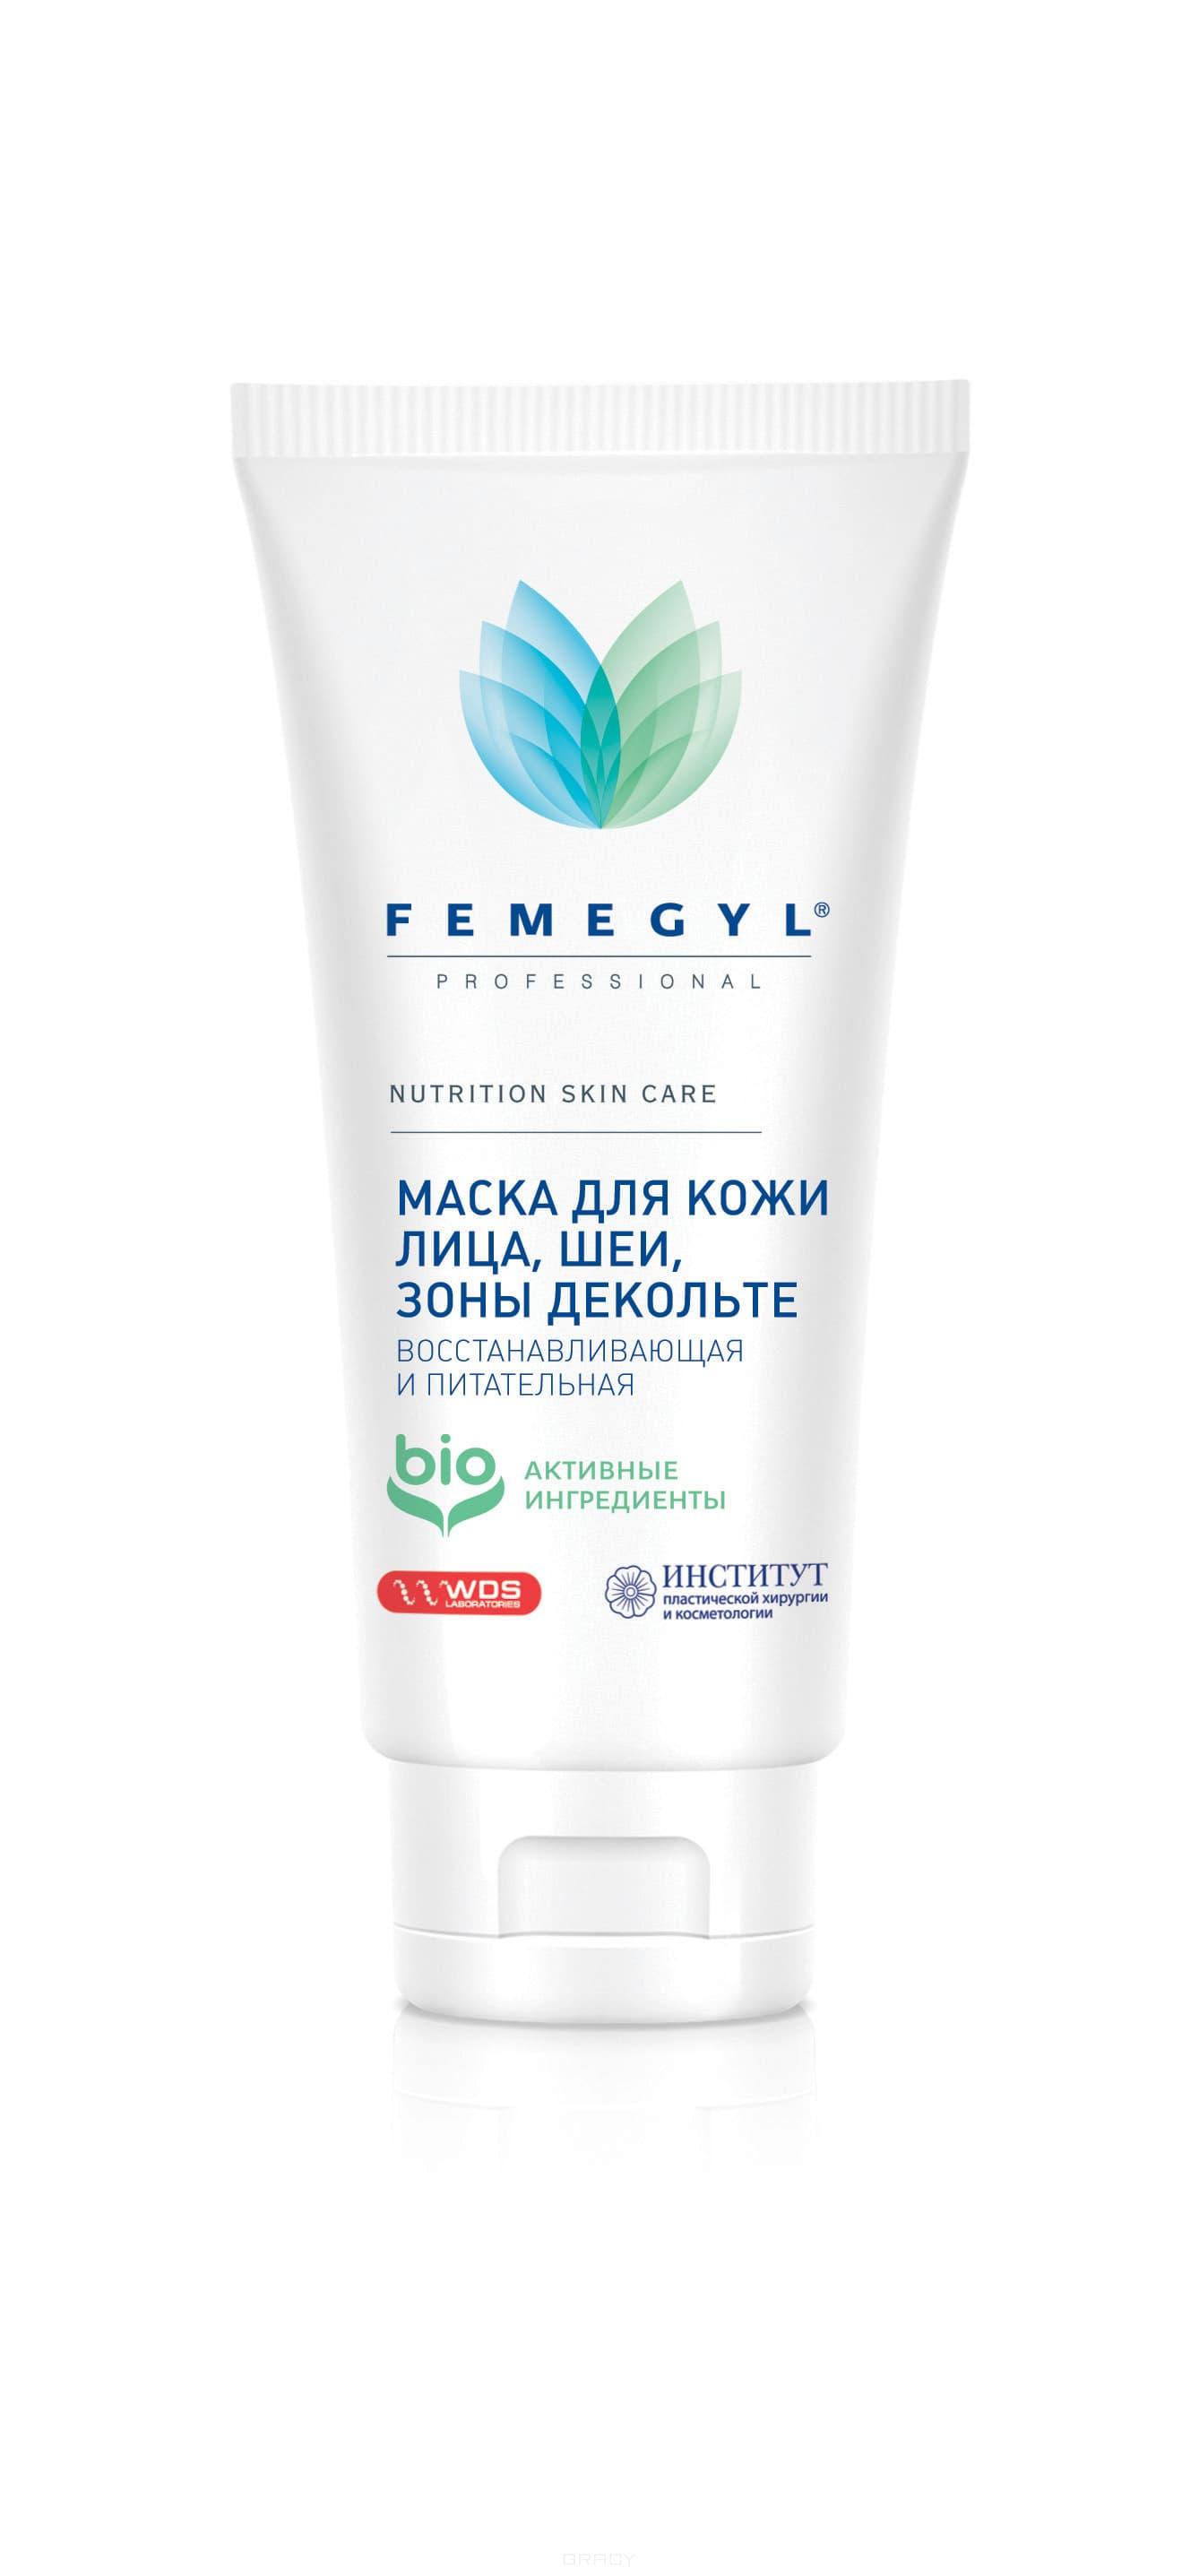 Femegyl, Маска для лица, шеи и зоны декольте Восстанавливающая и Питательная, 30 мл femegyl маска интенсивная питательная для лица 30 мл